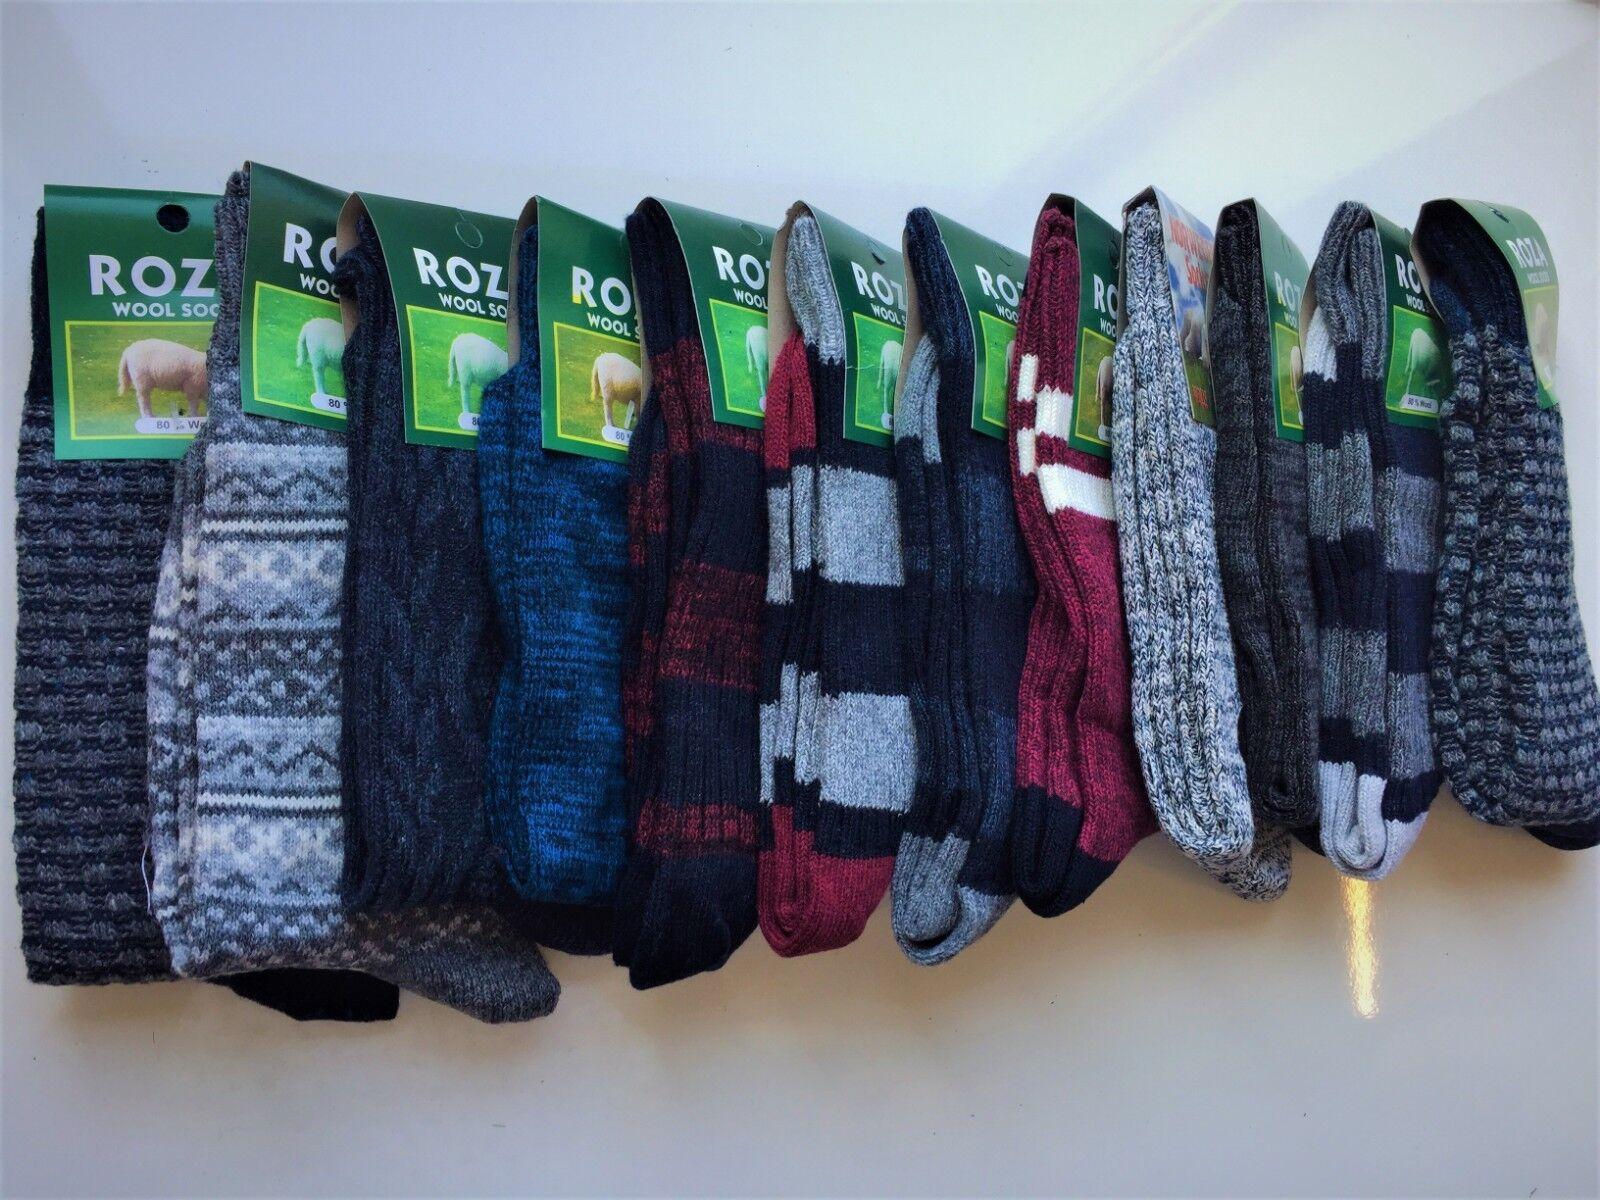 12 Paires Homme laine épaisse épaisse épaisse épais Travail Ran ée Boot Chaussettes Taille UK 6-11 wkmb 2b352d